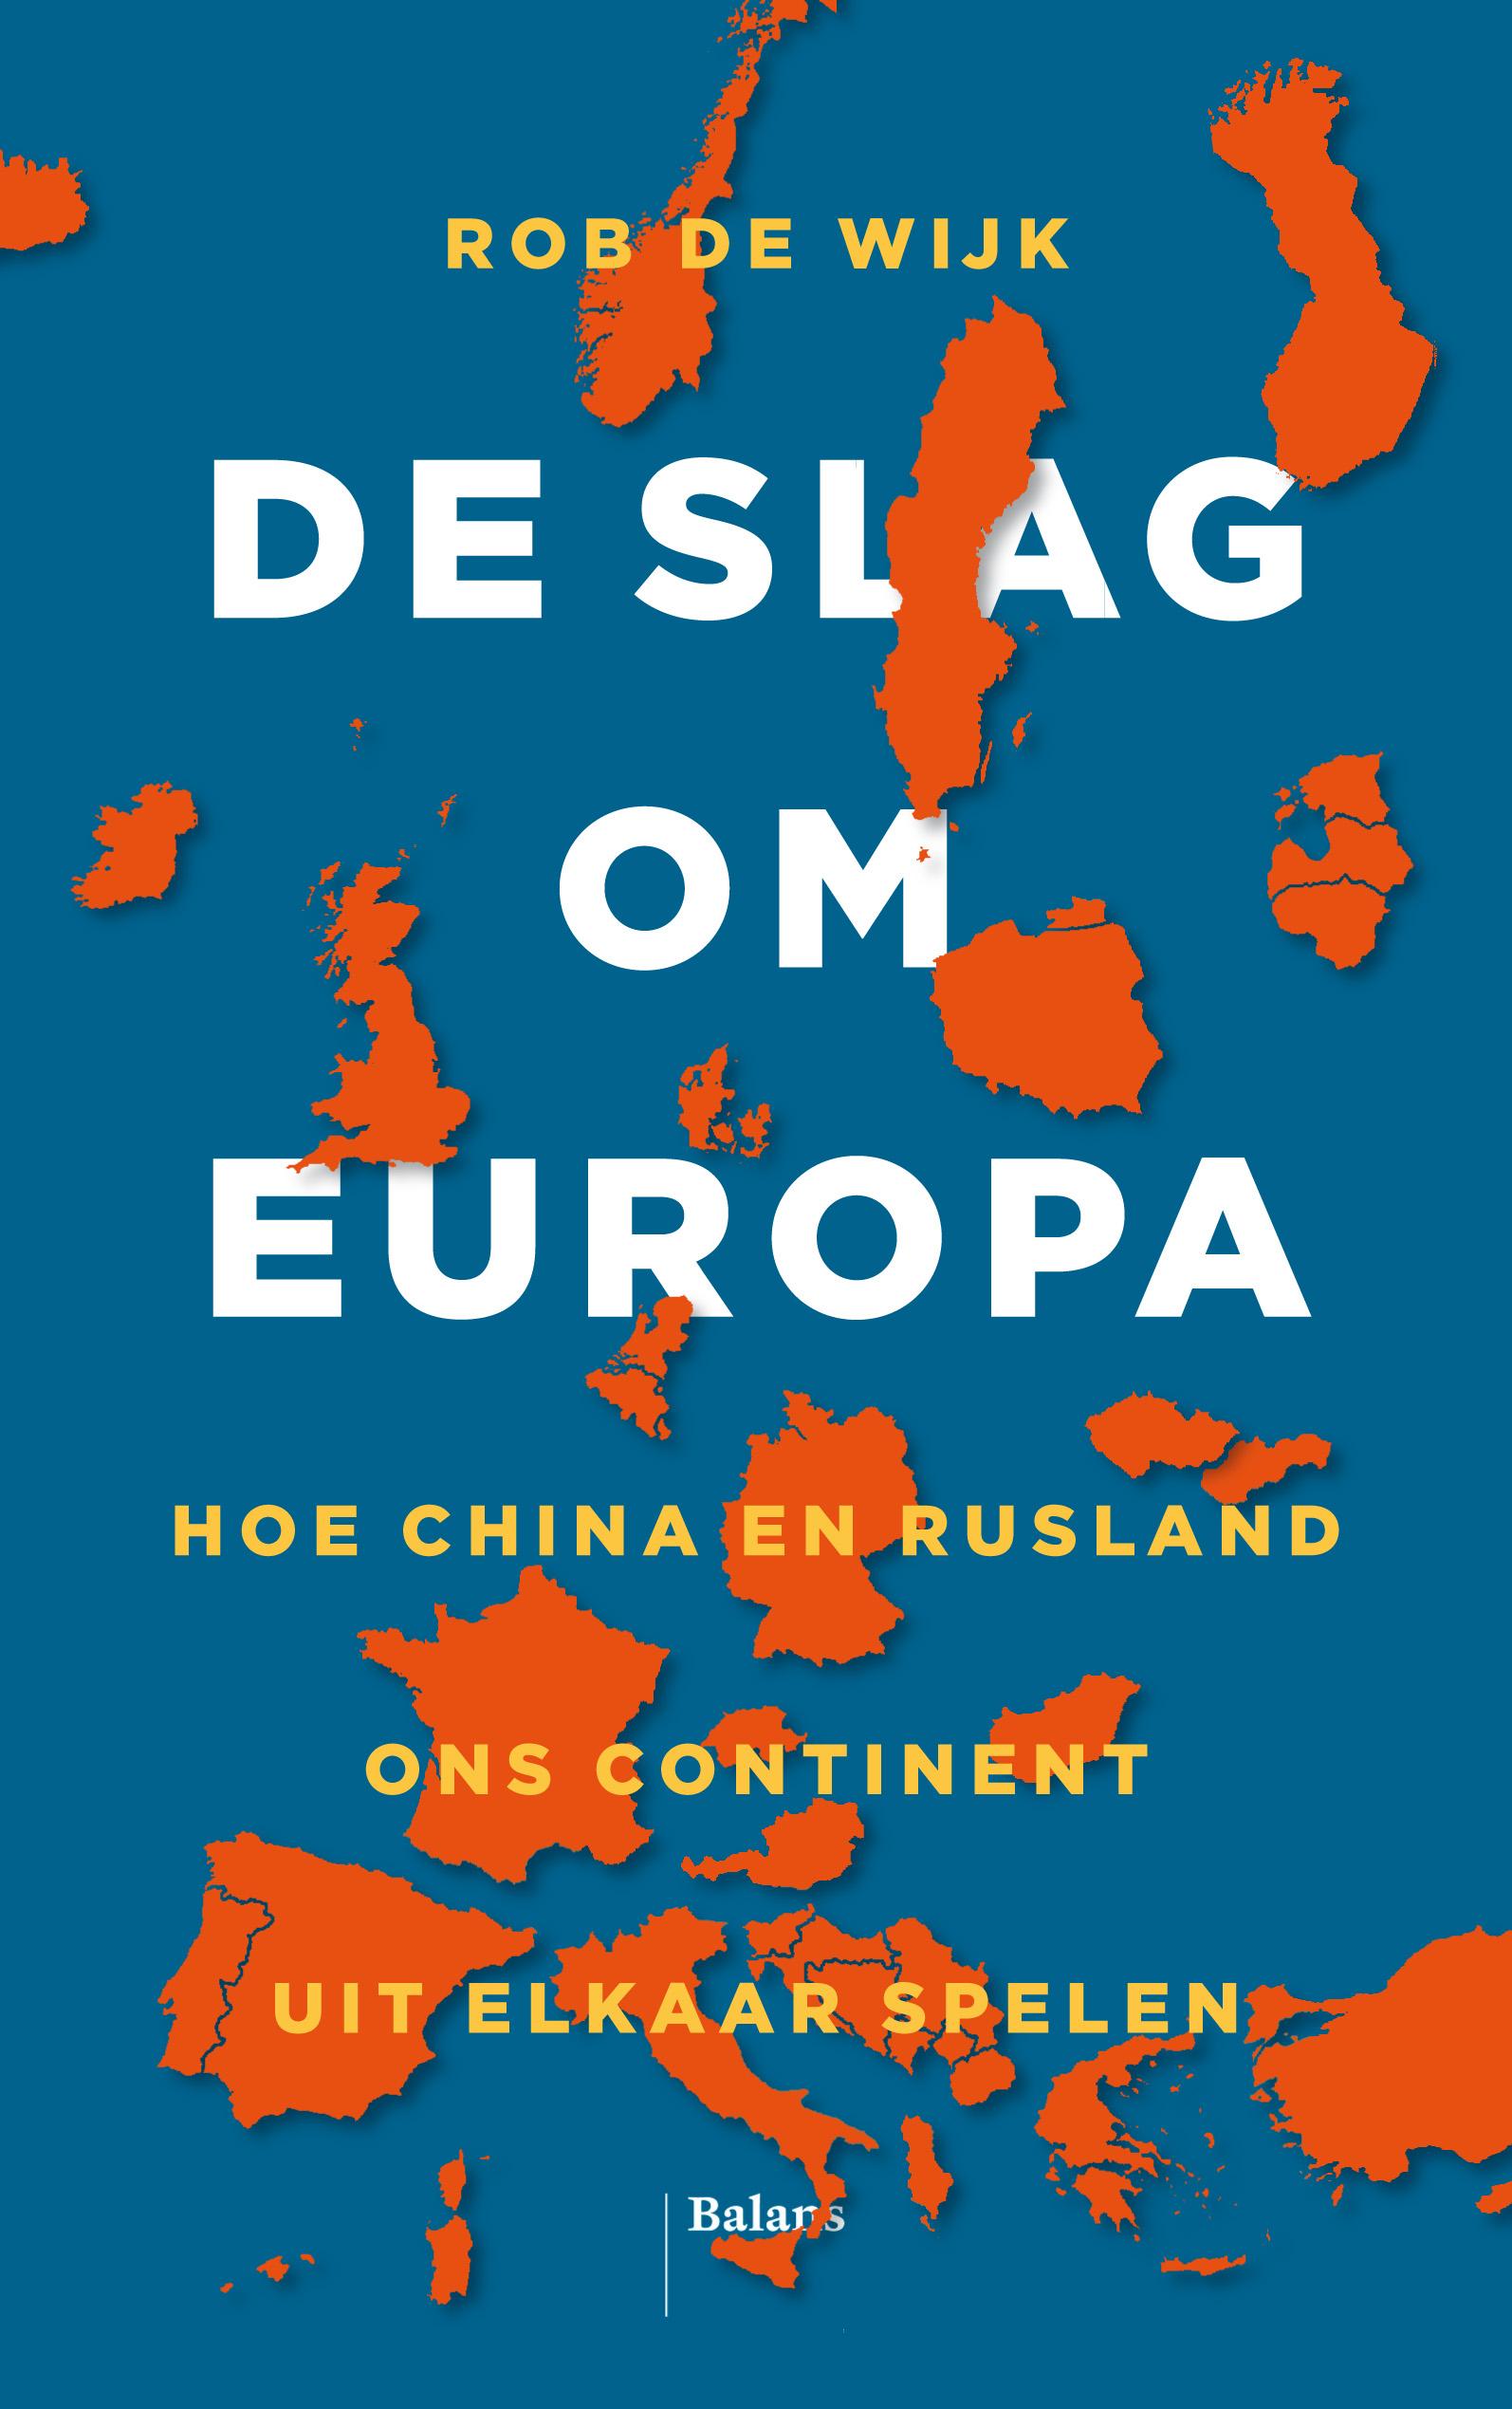 De slag om Europa - boekenflits